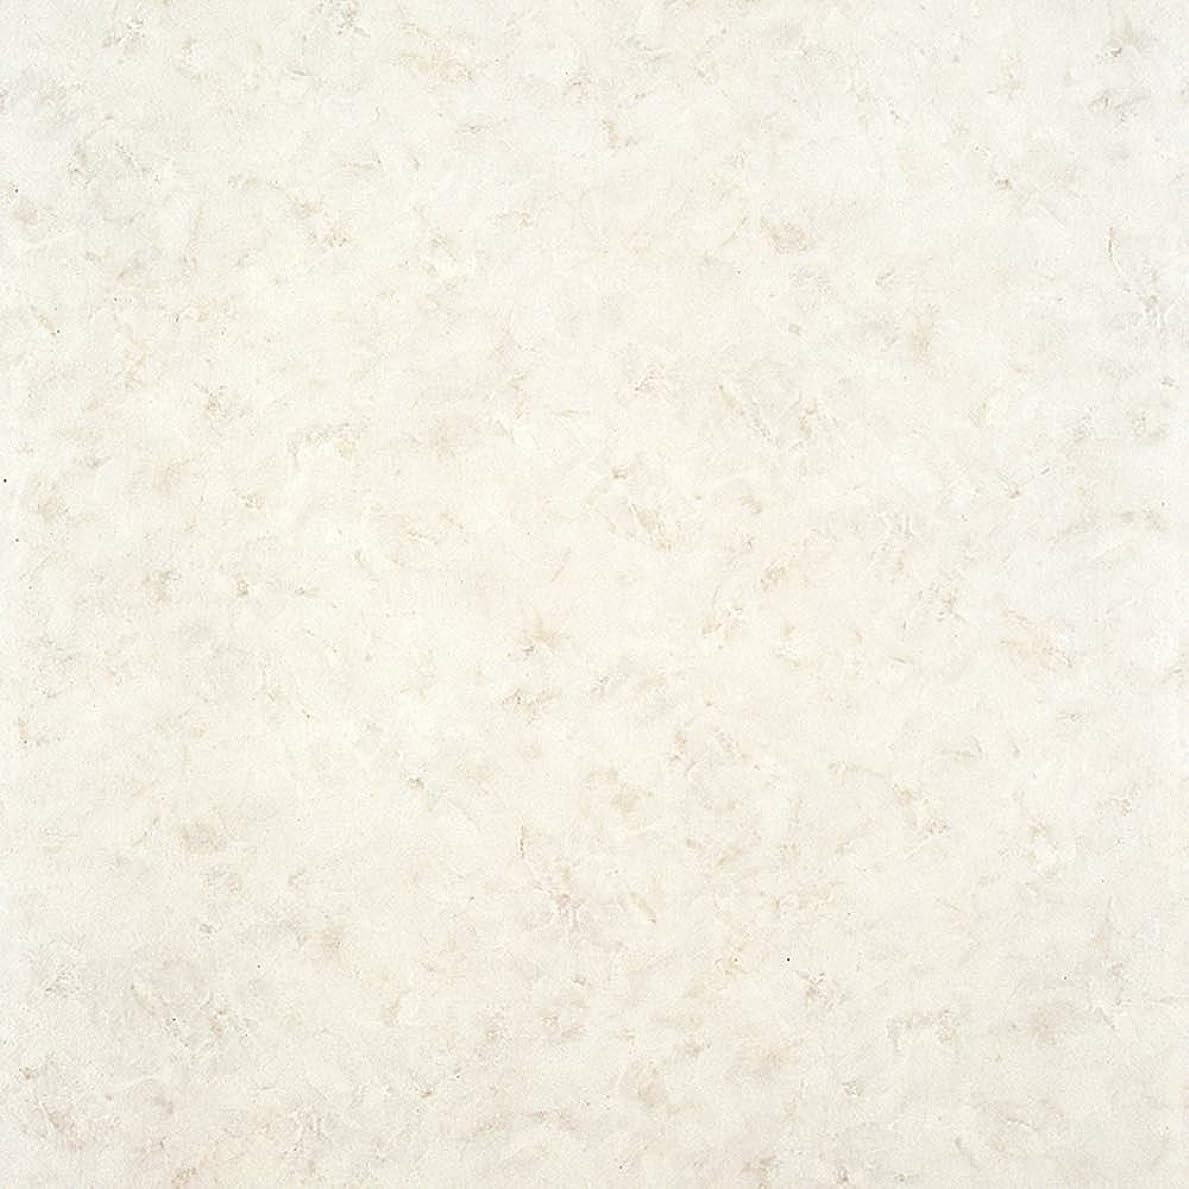 可能にするイブニングラベルサンゲツ クッションフロア DIY 住宅用 石目?ストーン (オニックス) (長さ1m x 注文数) HM-4097 (旧HM-1097)